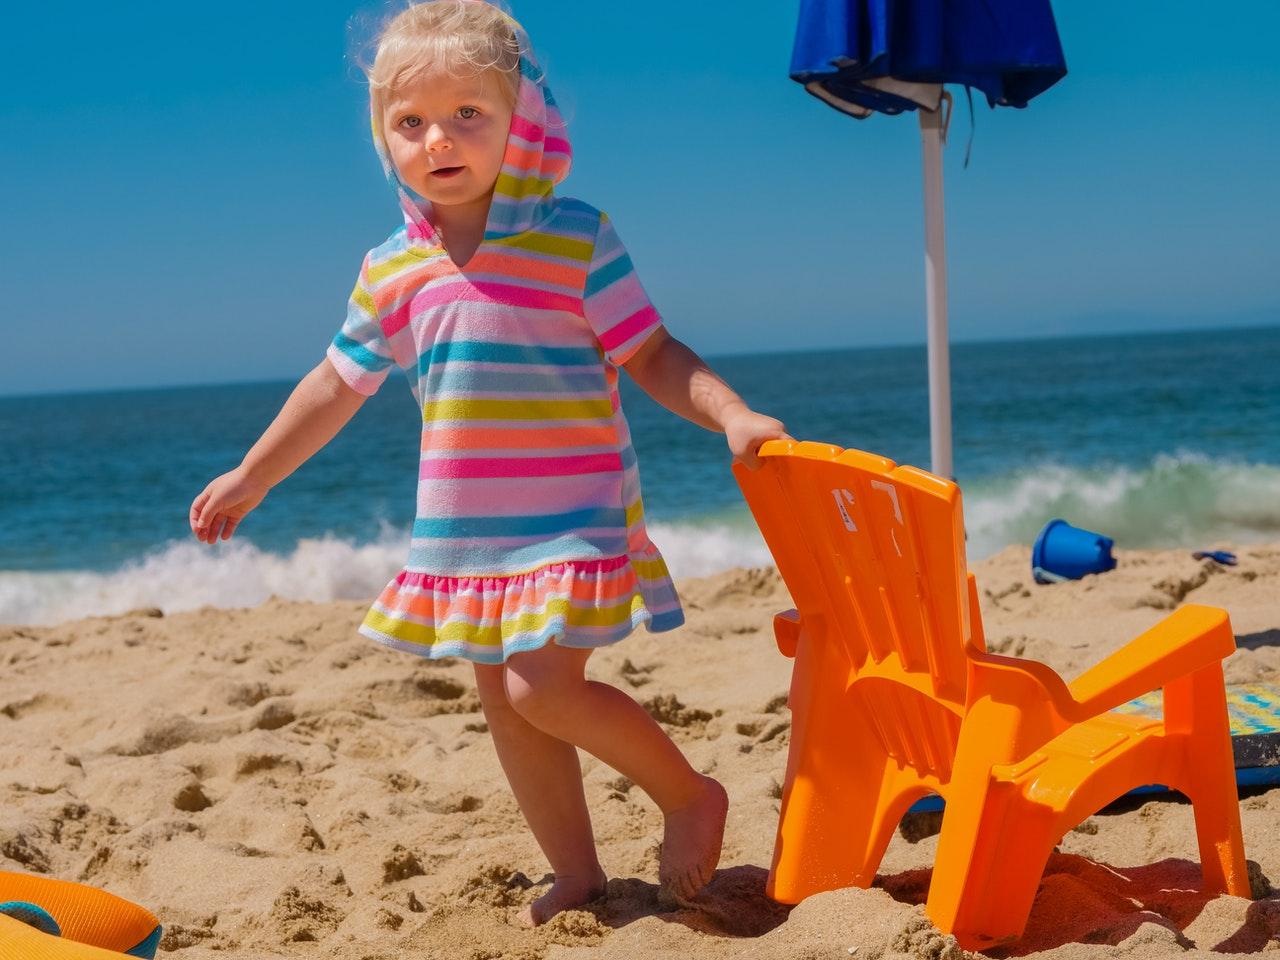 Детский кэшбэк: суммы и сроки возврата средств за летний отдых